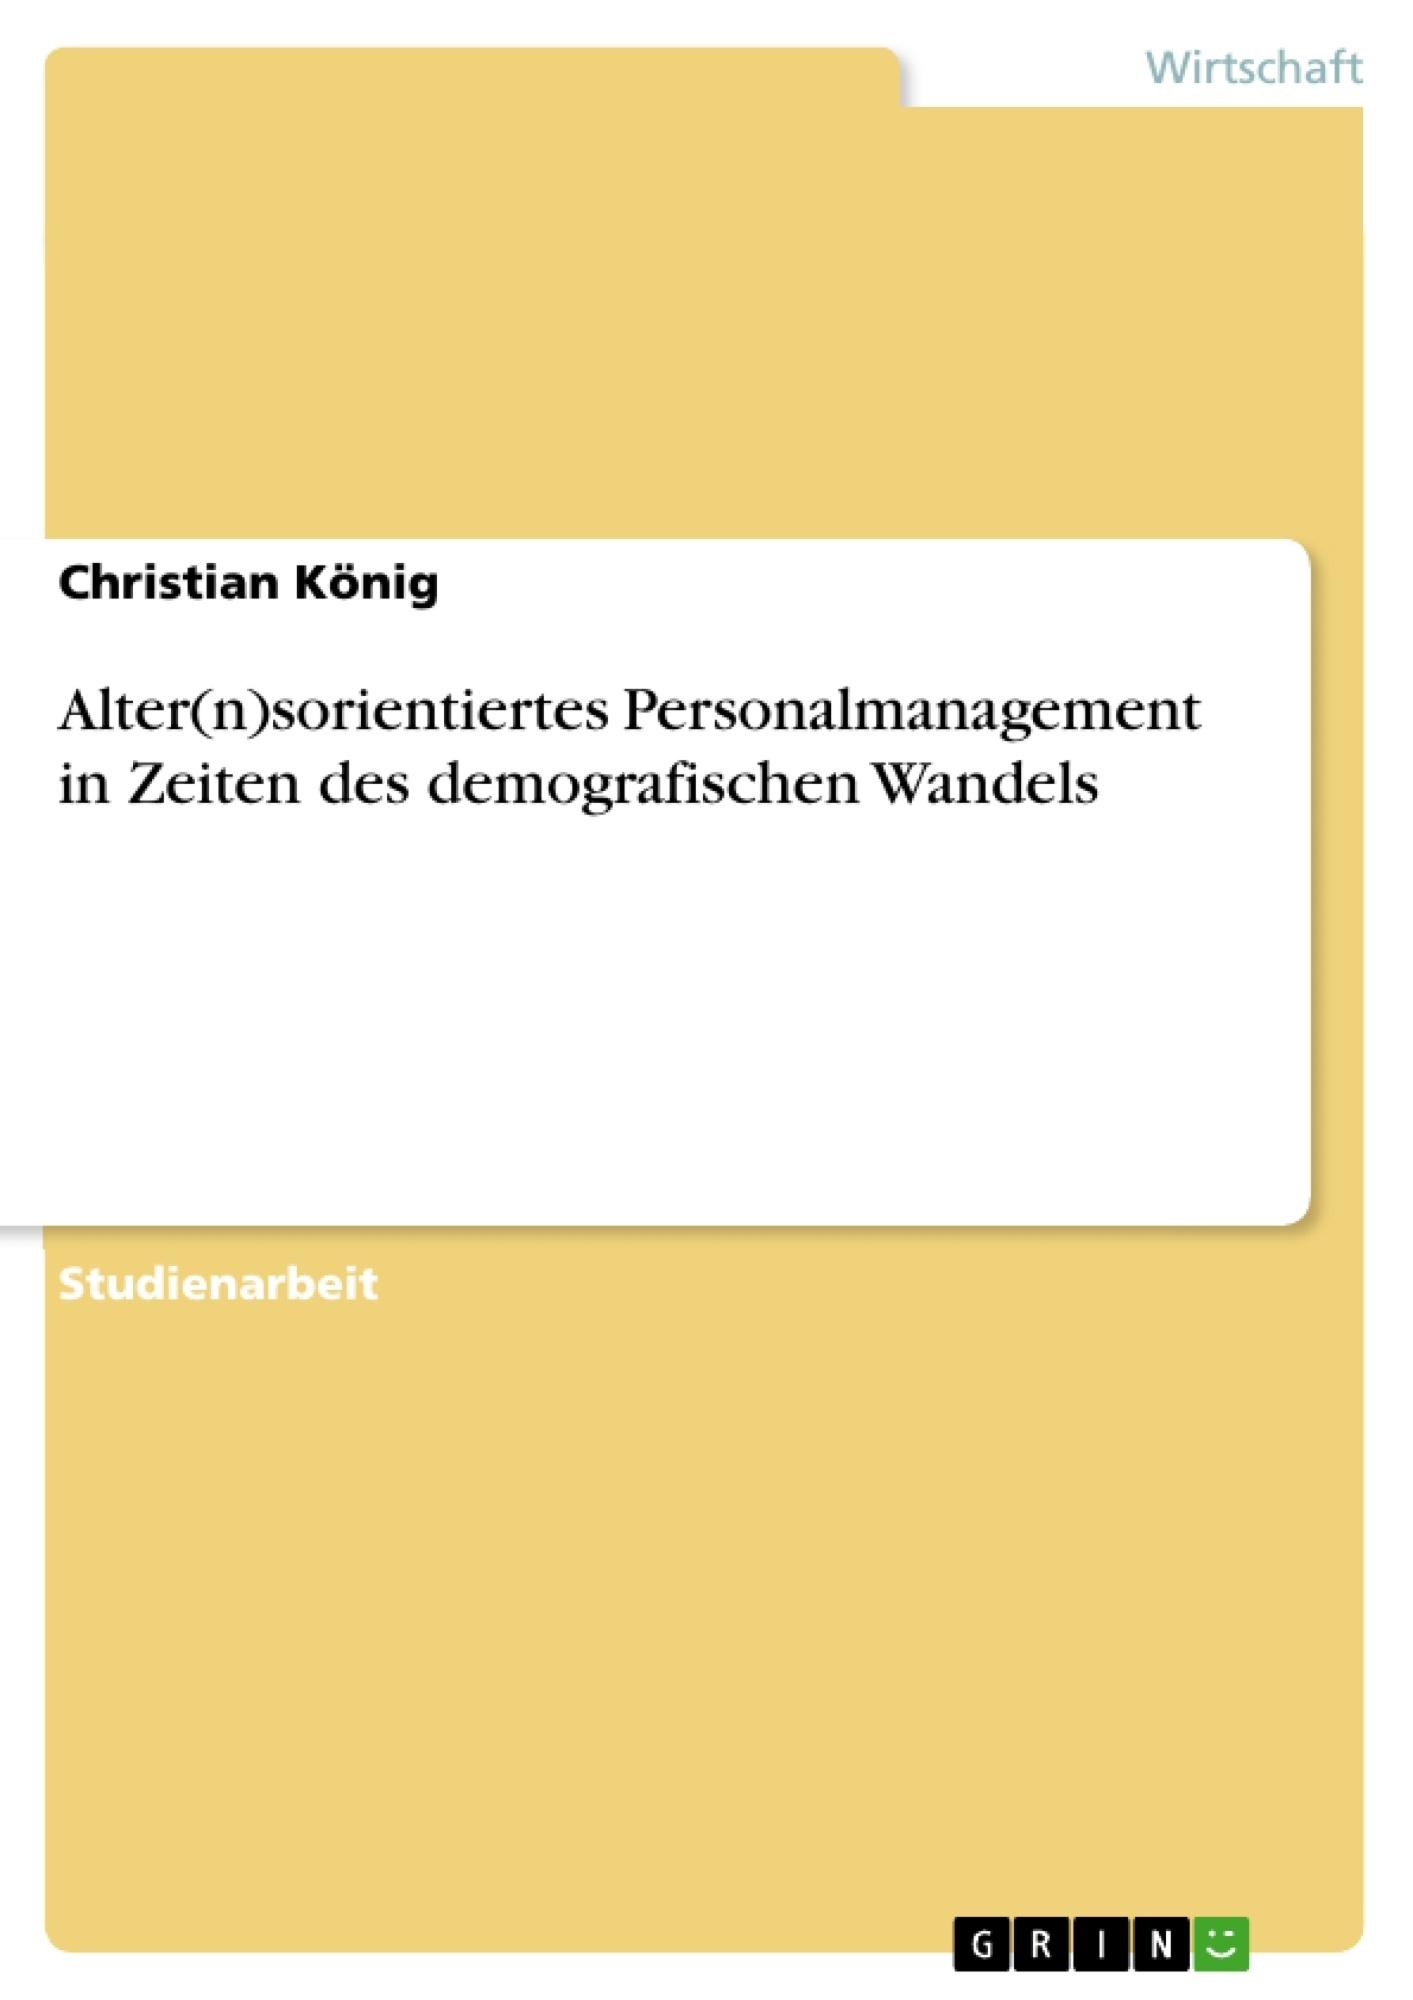 Titel: Alter(n)sorientiertes Personalmanagement in Zeiten des demografischen Wandels